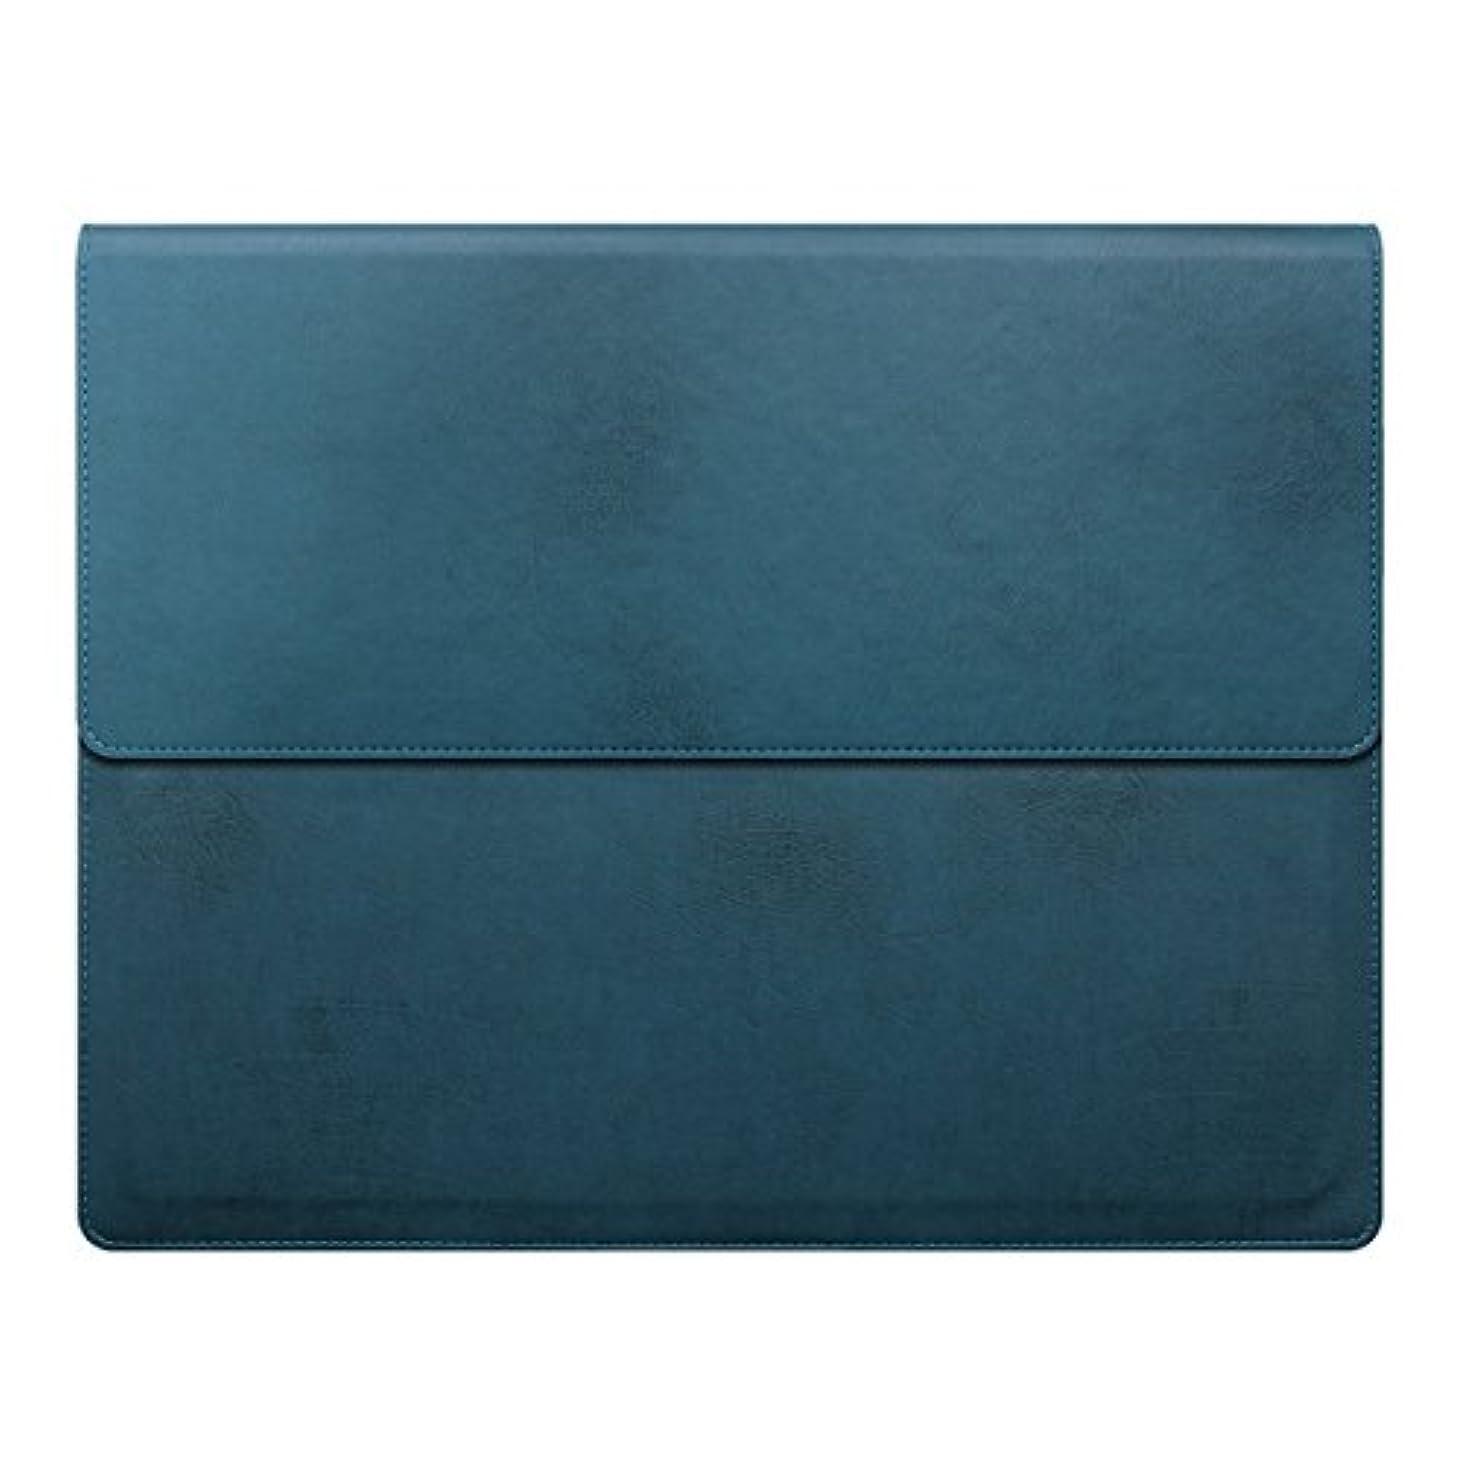 悪意のある最少ヒント【日本正規代理店品】 araree iPad Pro ケースStand Clutch アッシュブルー